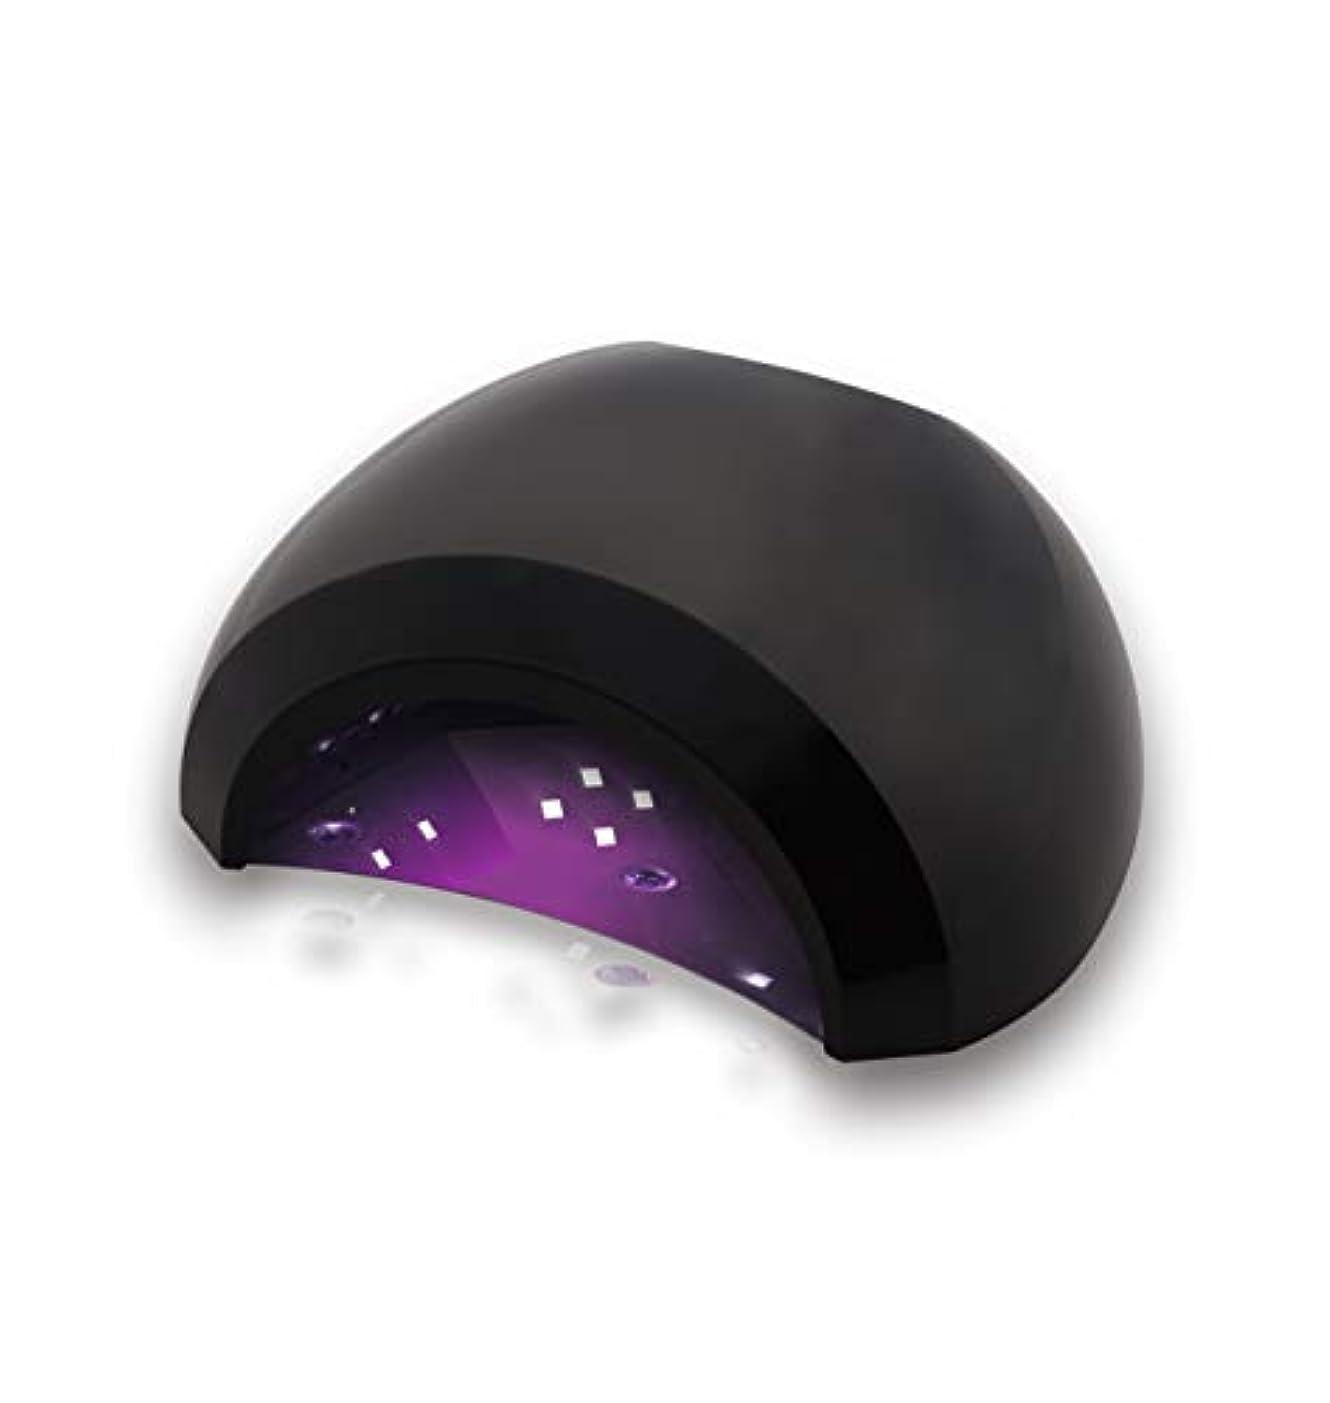 批判的にバービリーAokitec UV LED ネイルドライヤー 48w高速硬化ネイルライト 人感センサーとタイマー付 時間メモリ 手足両用ネイルランプ 全ジェル対応 レジンにも使える 日本語説明書付【一年間保証】 …